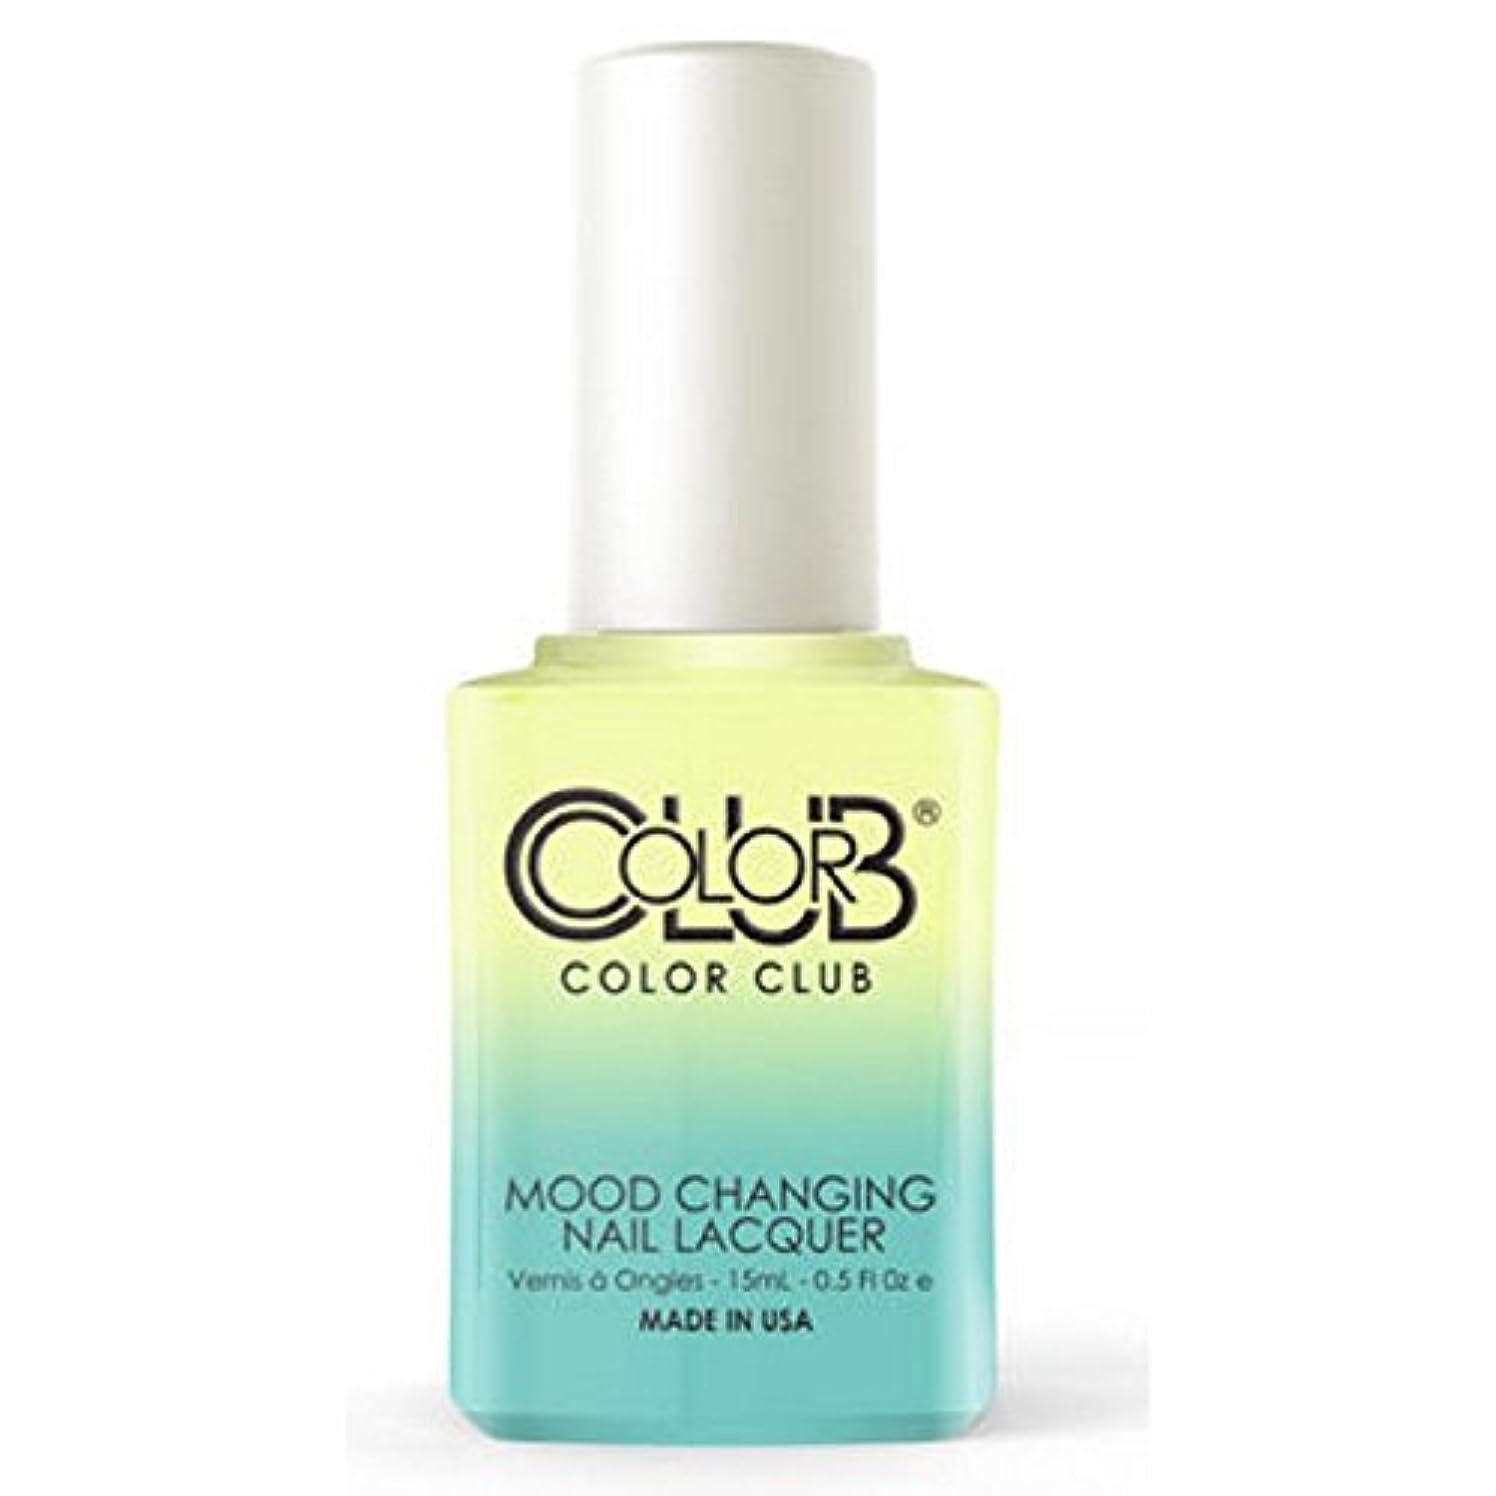 けん引とても重要な役割を果たす、中心的な手段となるColor Club Mood Changing Nail Lacquer - Shine Theory - 15 mL / 0.5 fl oz